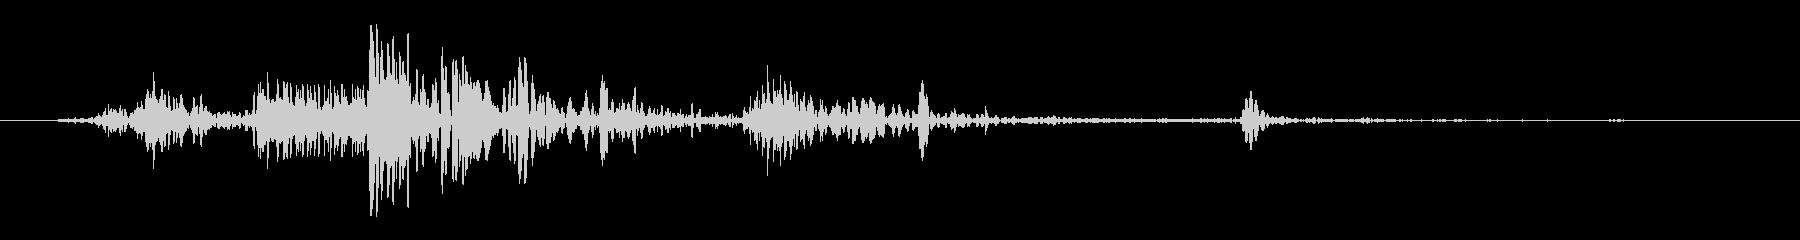 ヘビーボディフォールオンウッドの未再生の波形